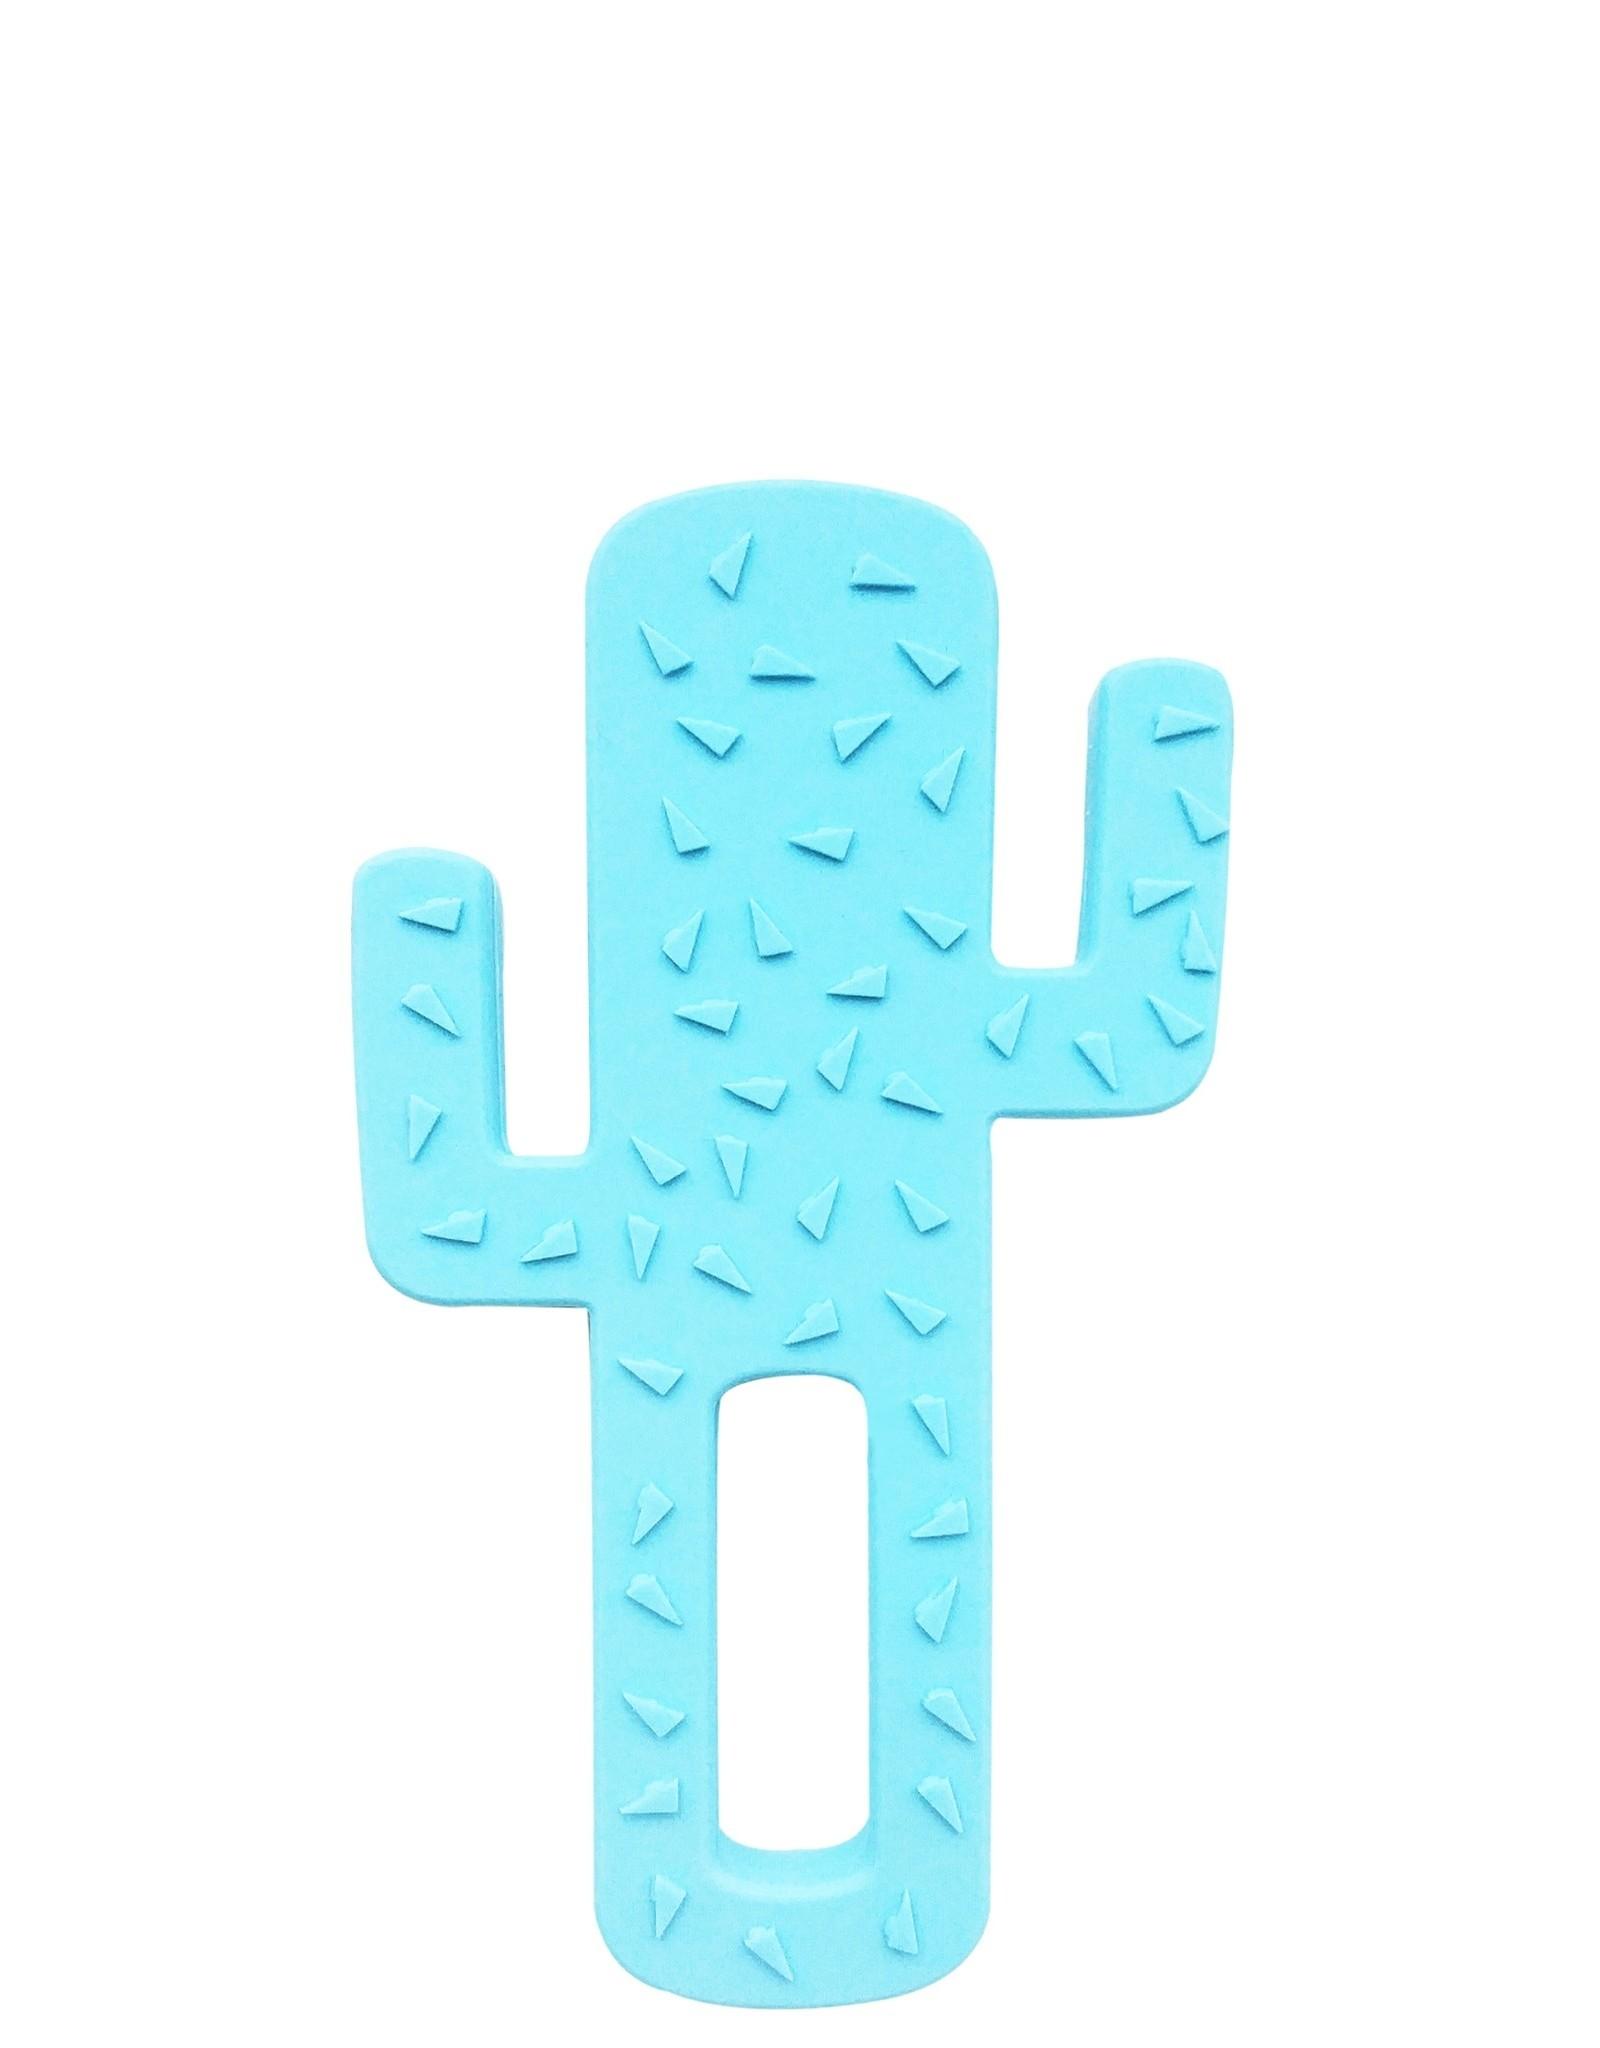 MiniKOiOi Minikoioi Bijtring Cactus Blauw